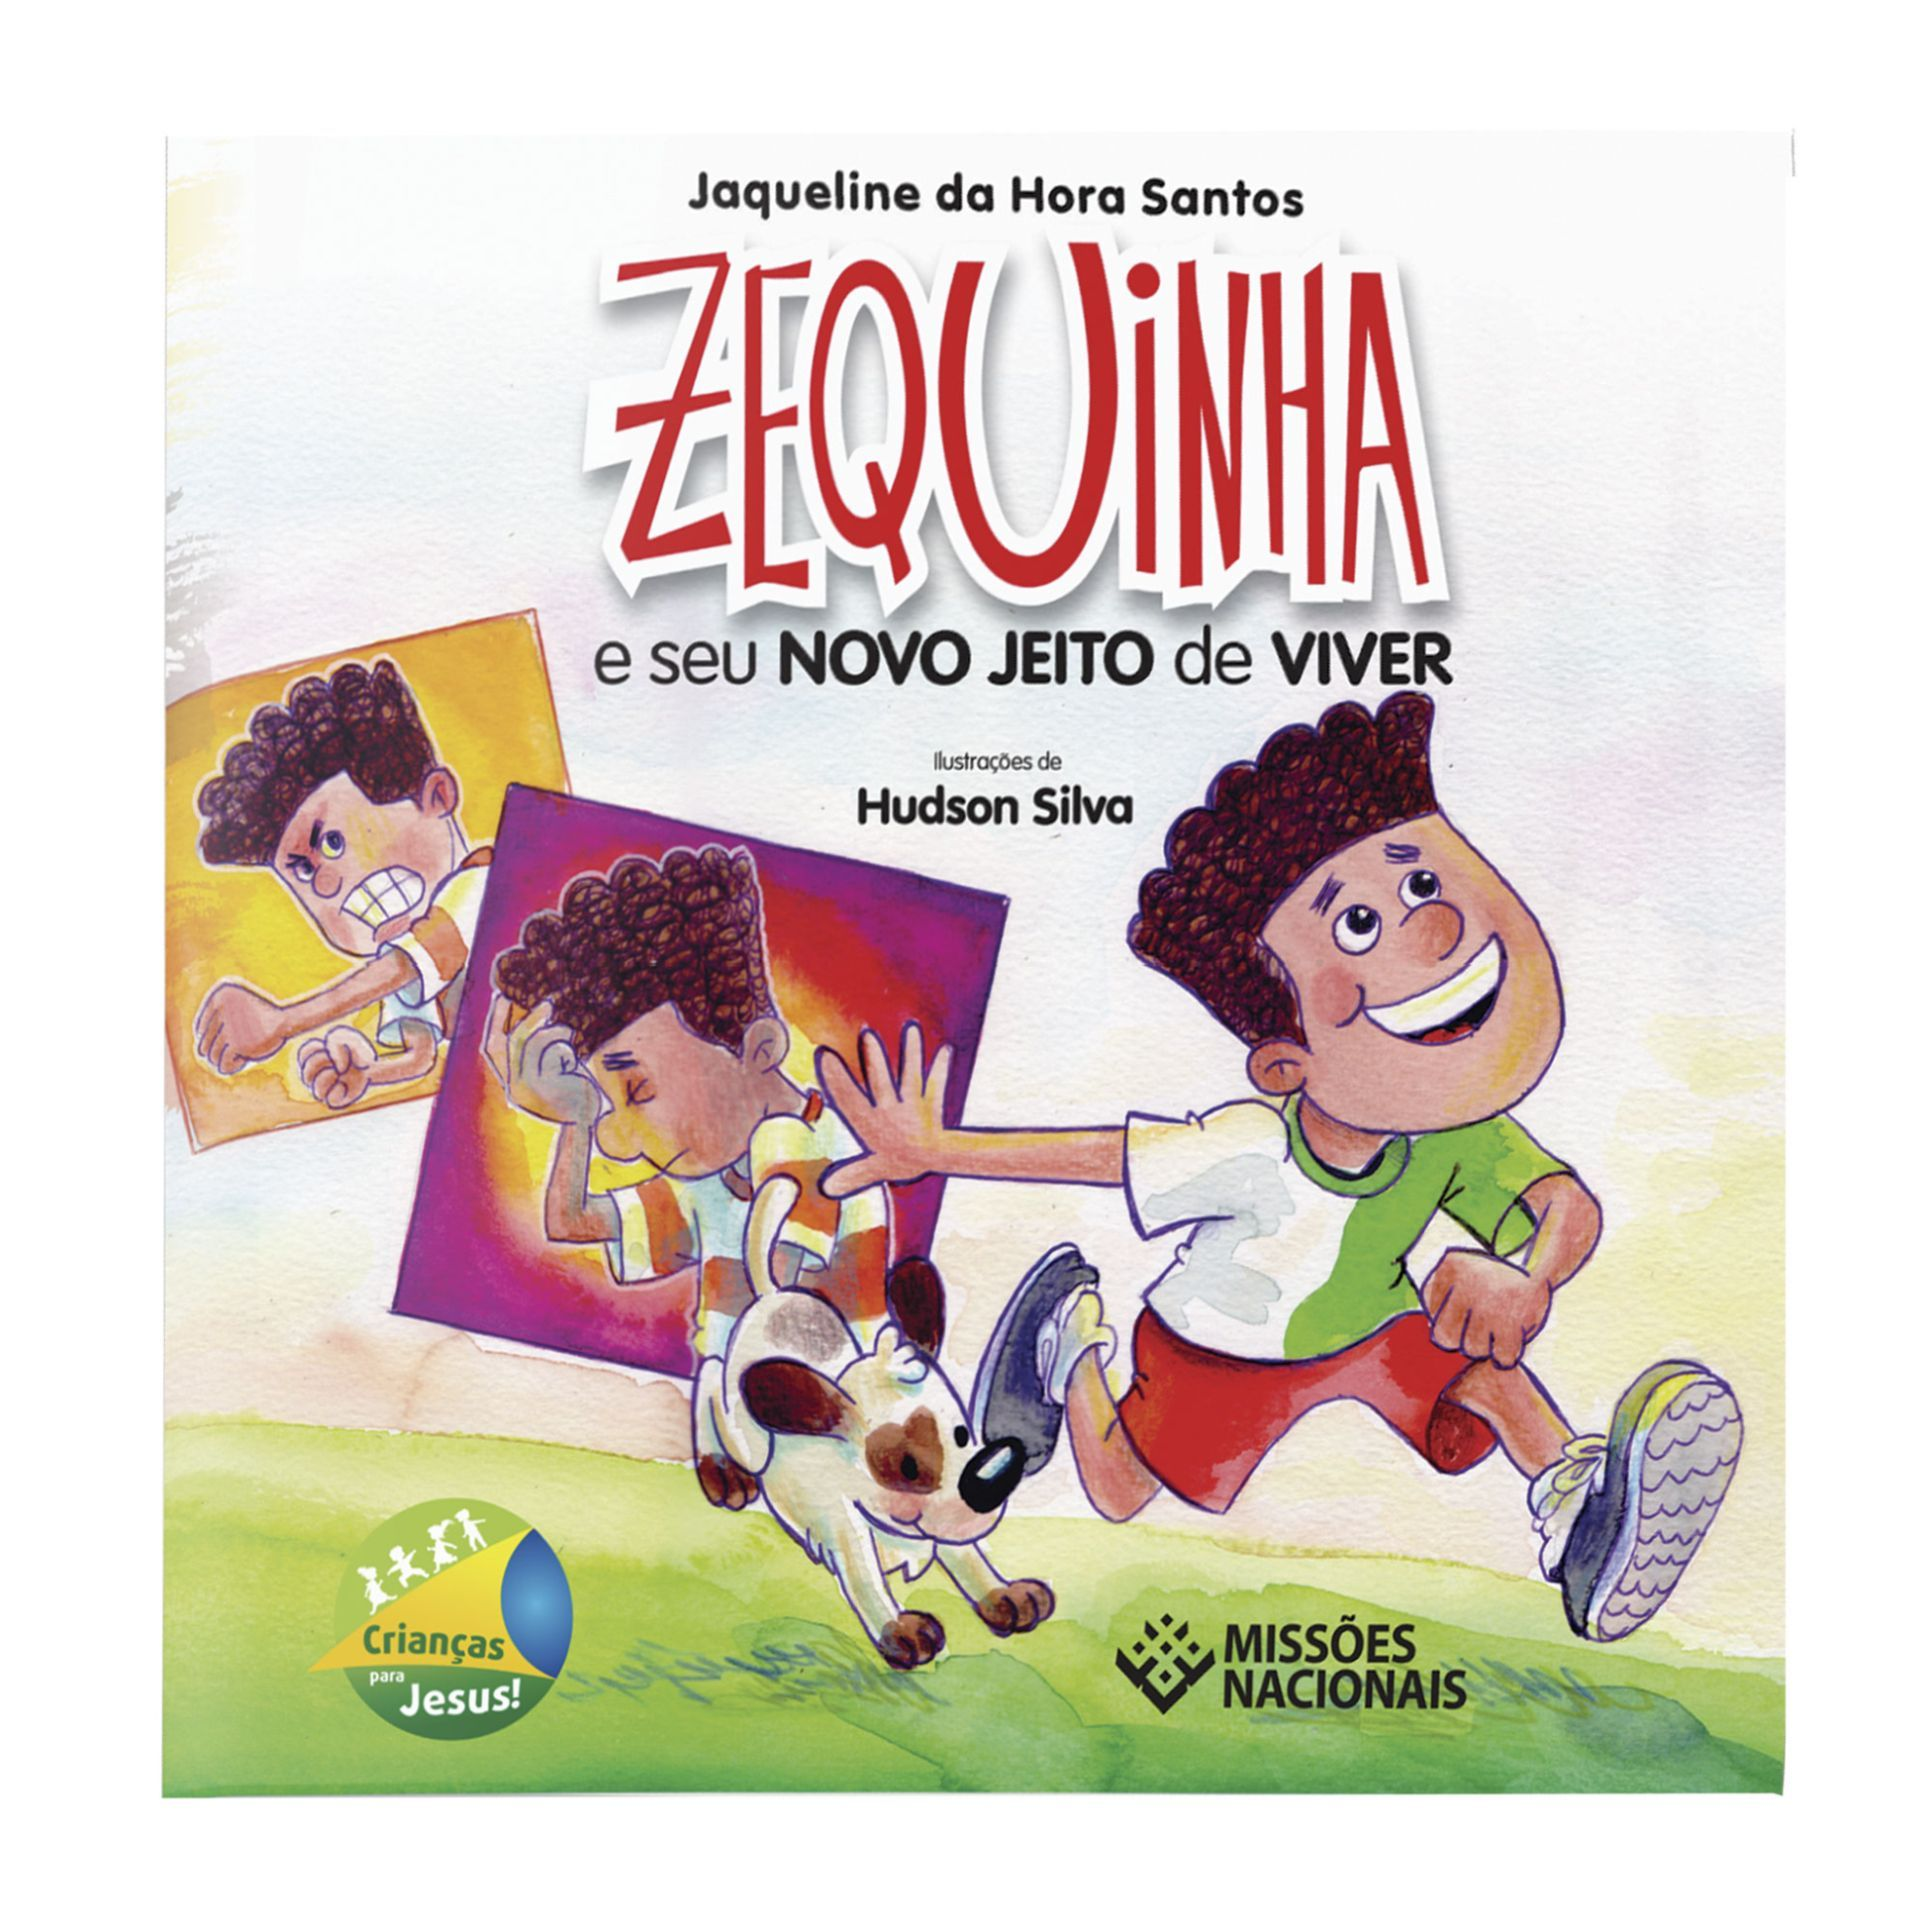 Zequinha - Vol. 1 - Seu novo jeito de viver